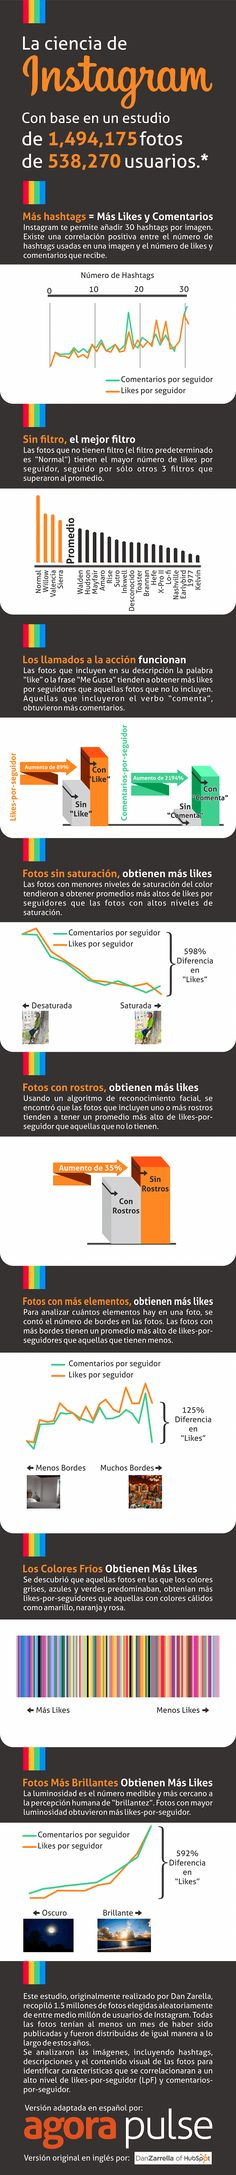 8 Cosas Que No Sabías sobre Instagram: Fotos, Filtros y Hashtags. Infografía en español. #CommunityManager